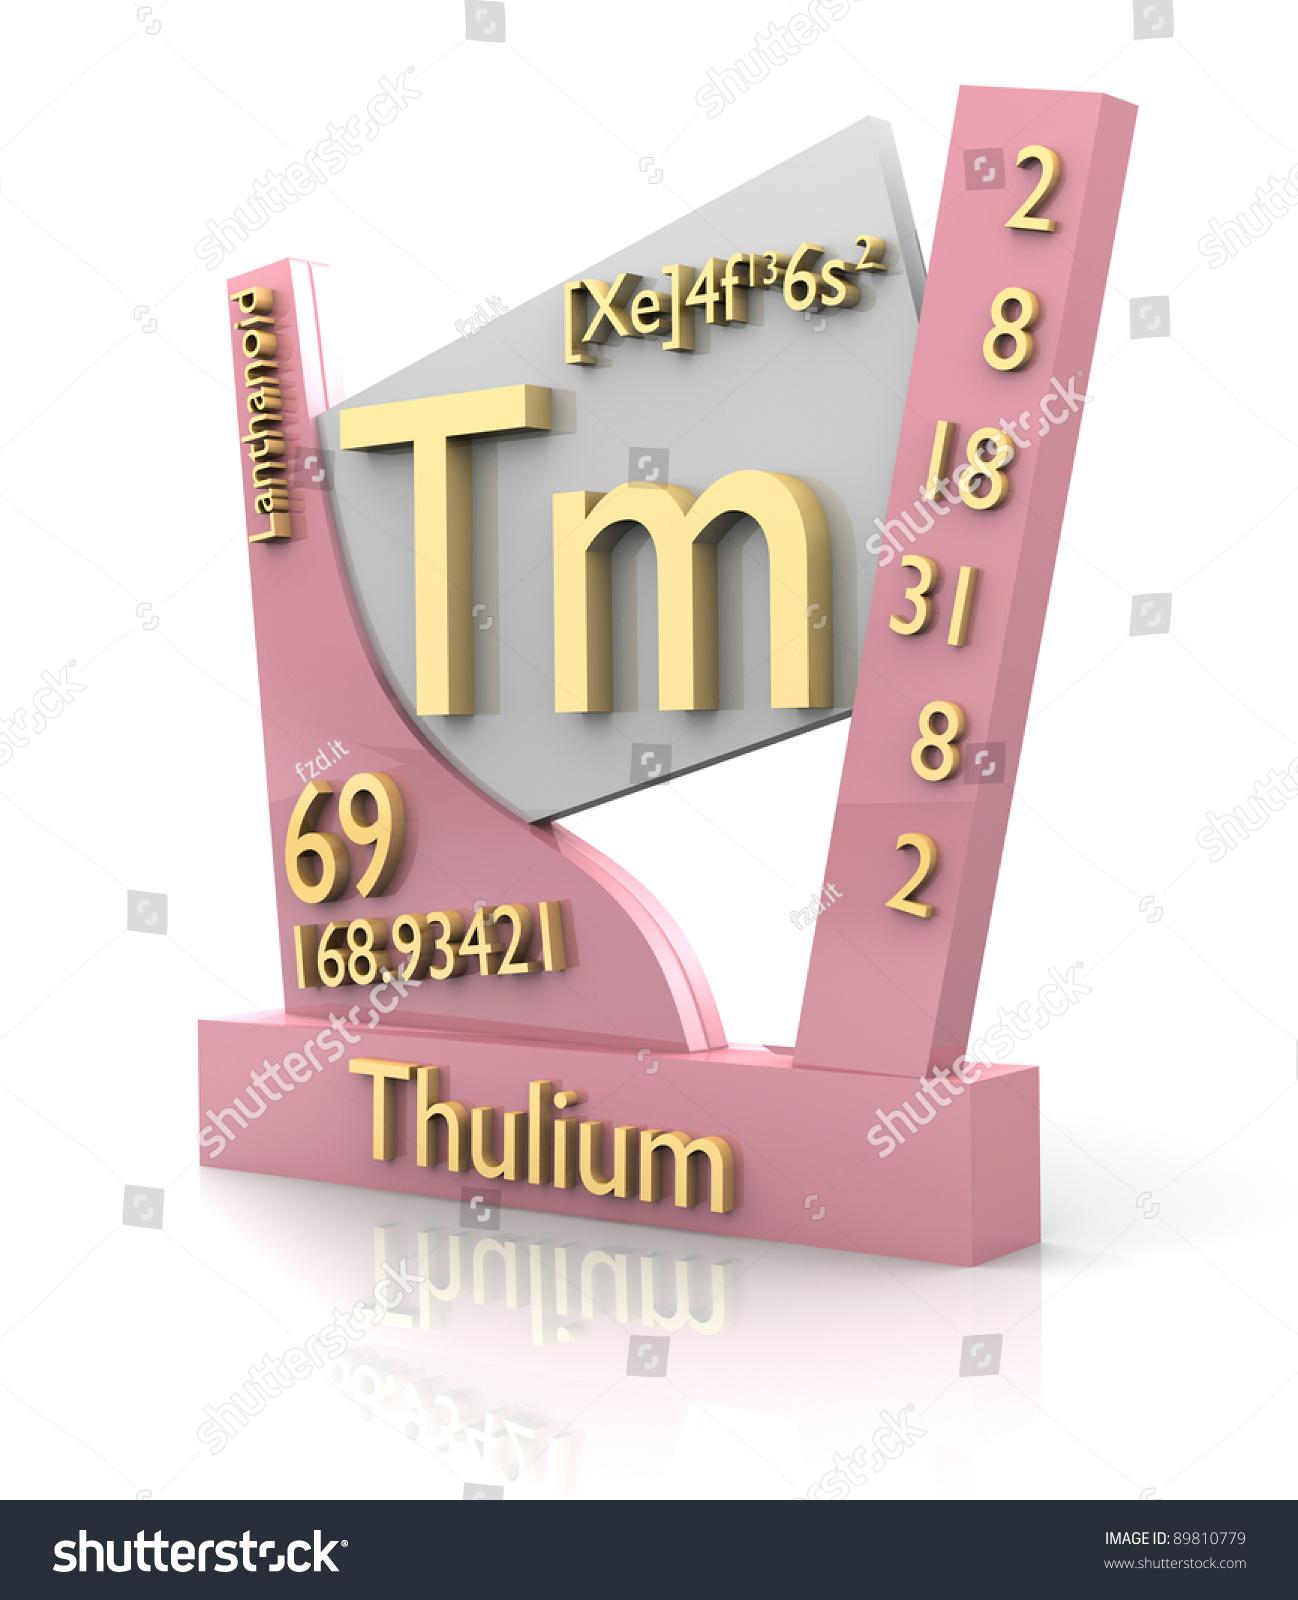 Er element periodic table images periodic table images er element periodic table gallery wr50m er element periodic table gallery er element periodic table gallery gamestrikefo Image collections